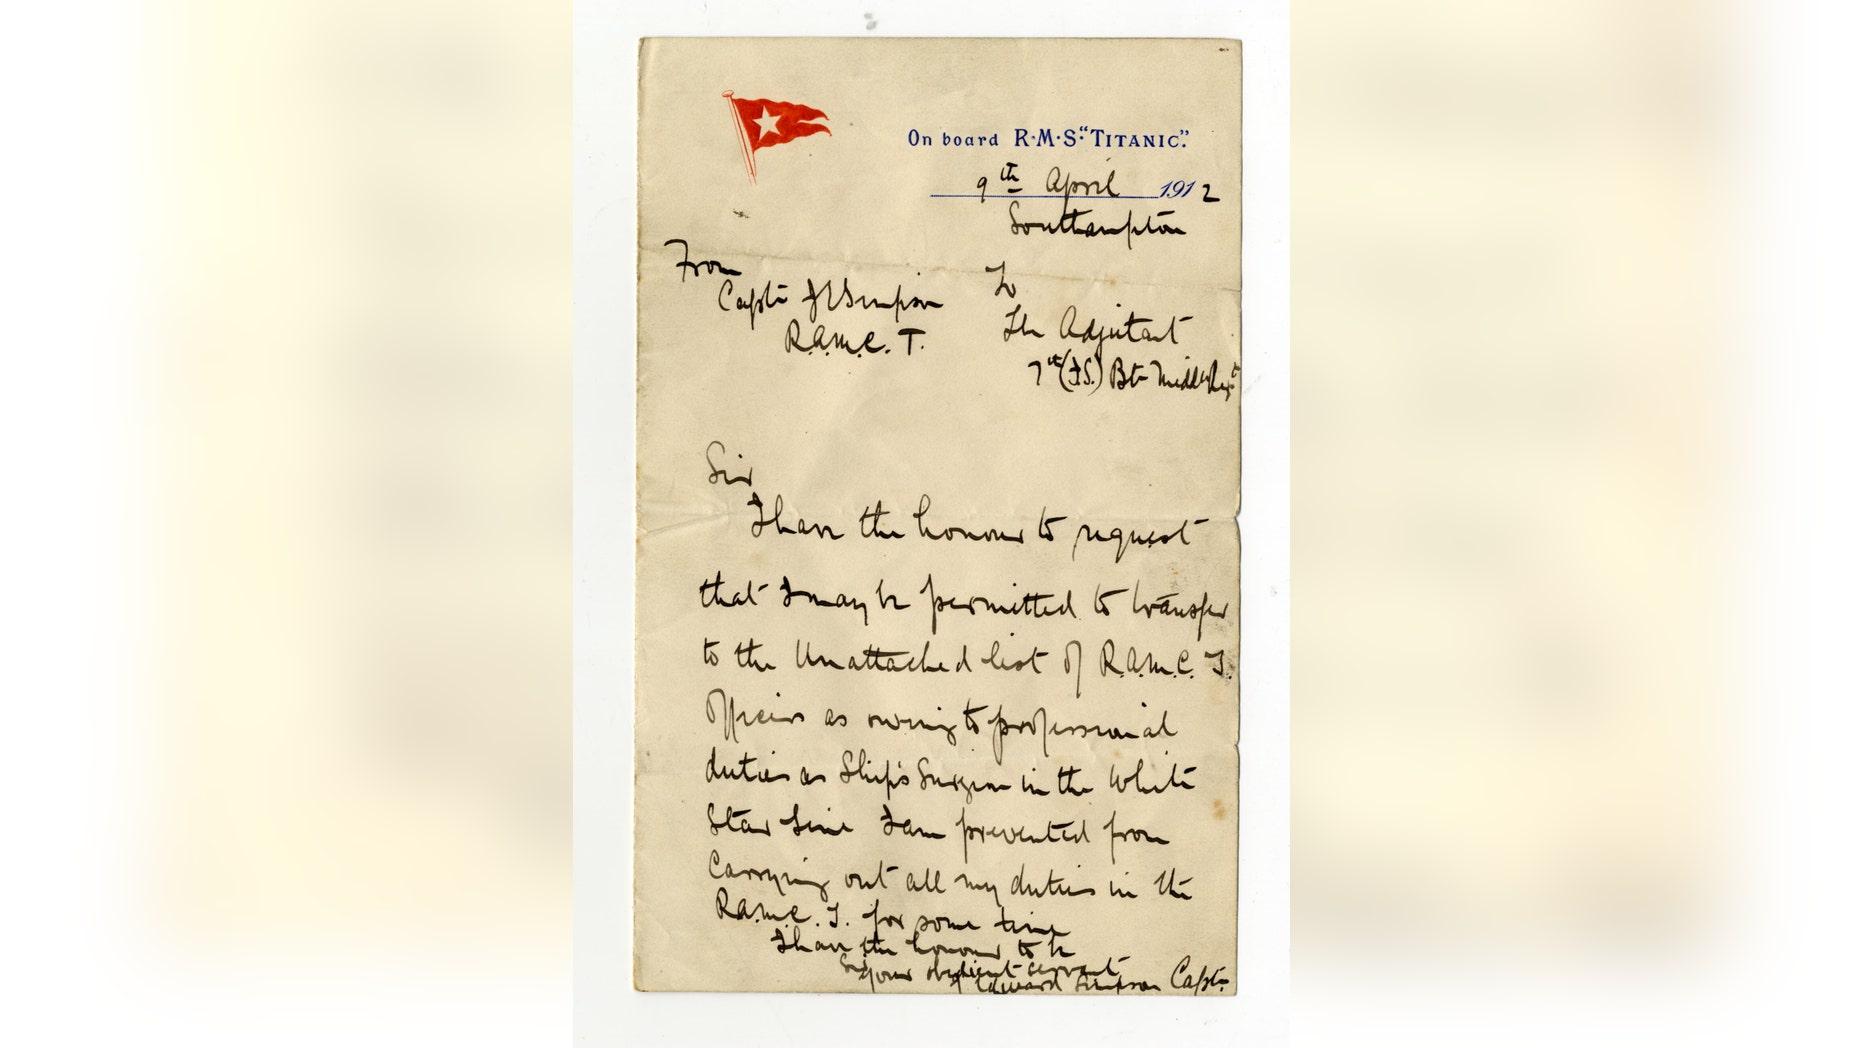 Dr. John Simpson's letter (Henry Aldridge & Son).